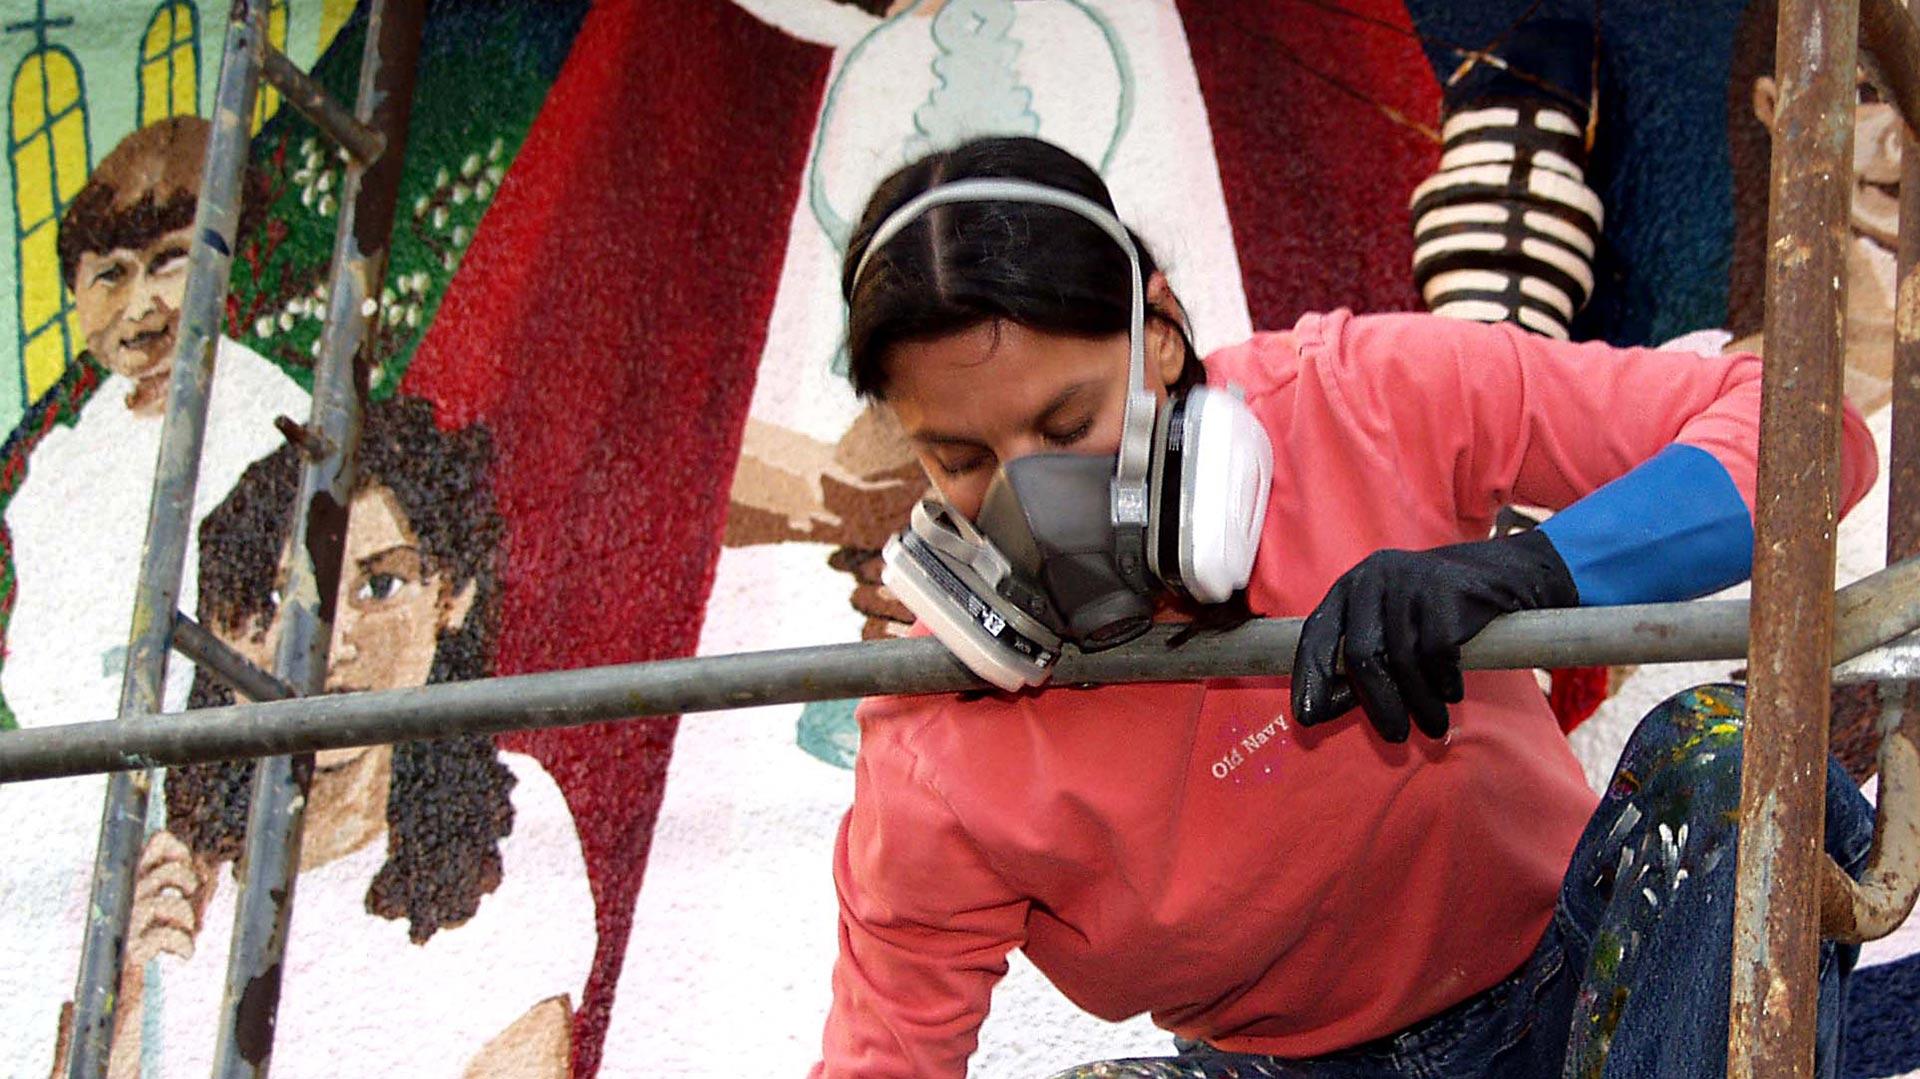 Adriana Gallego mural hero